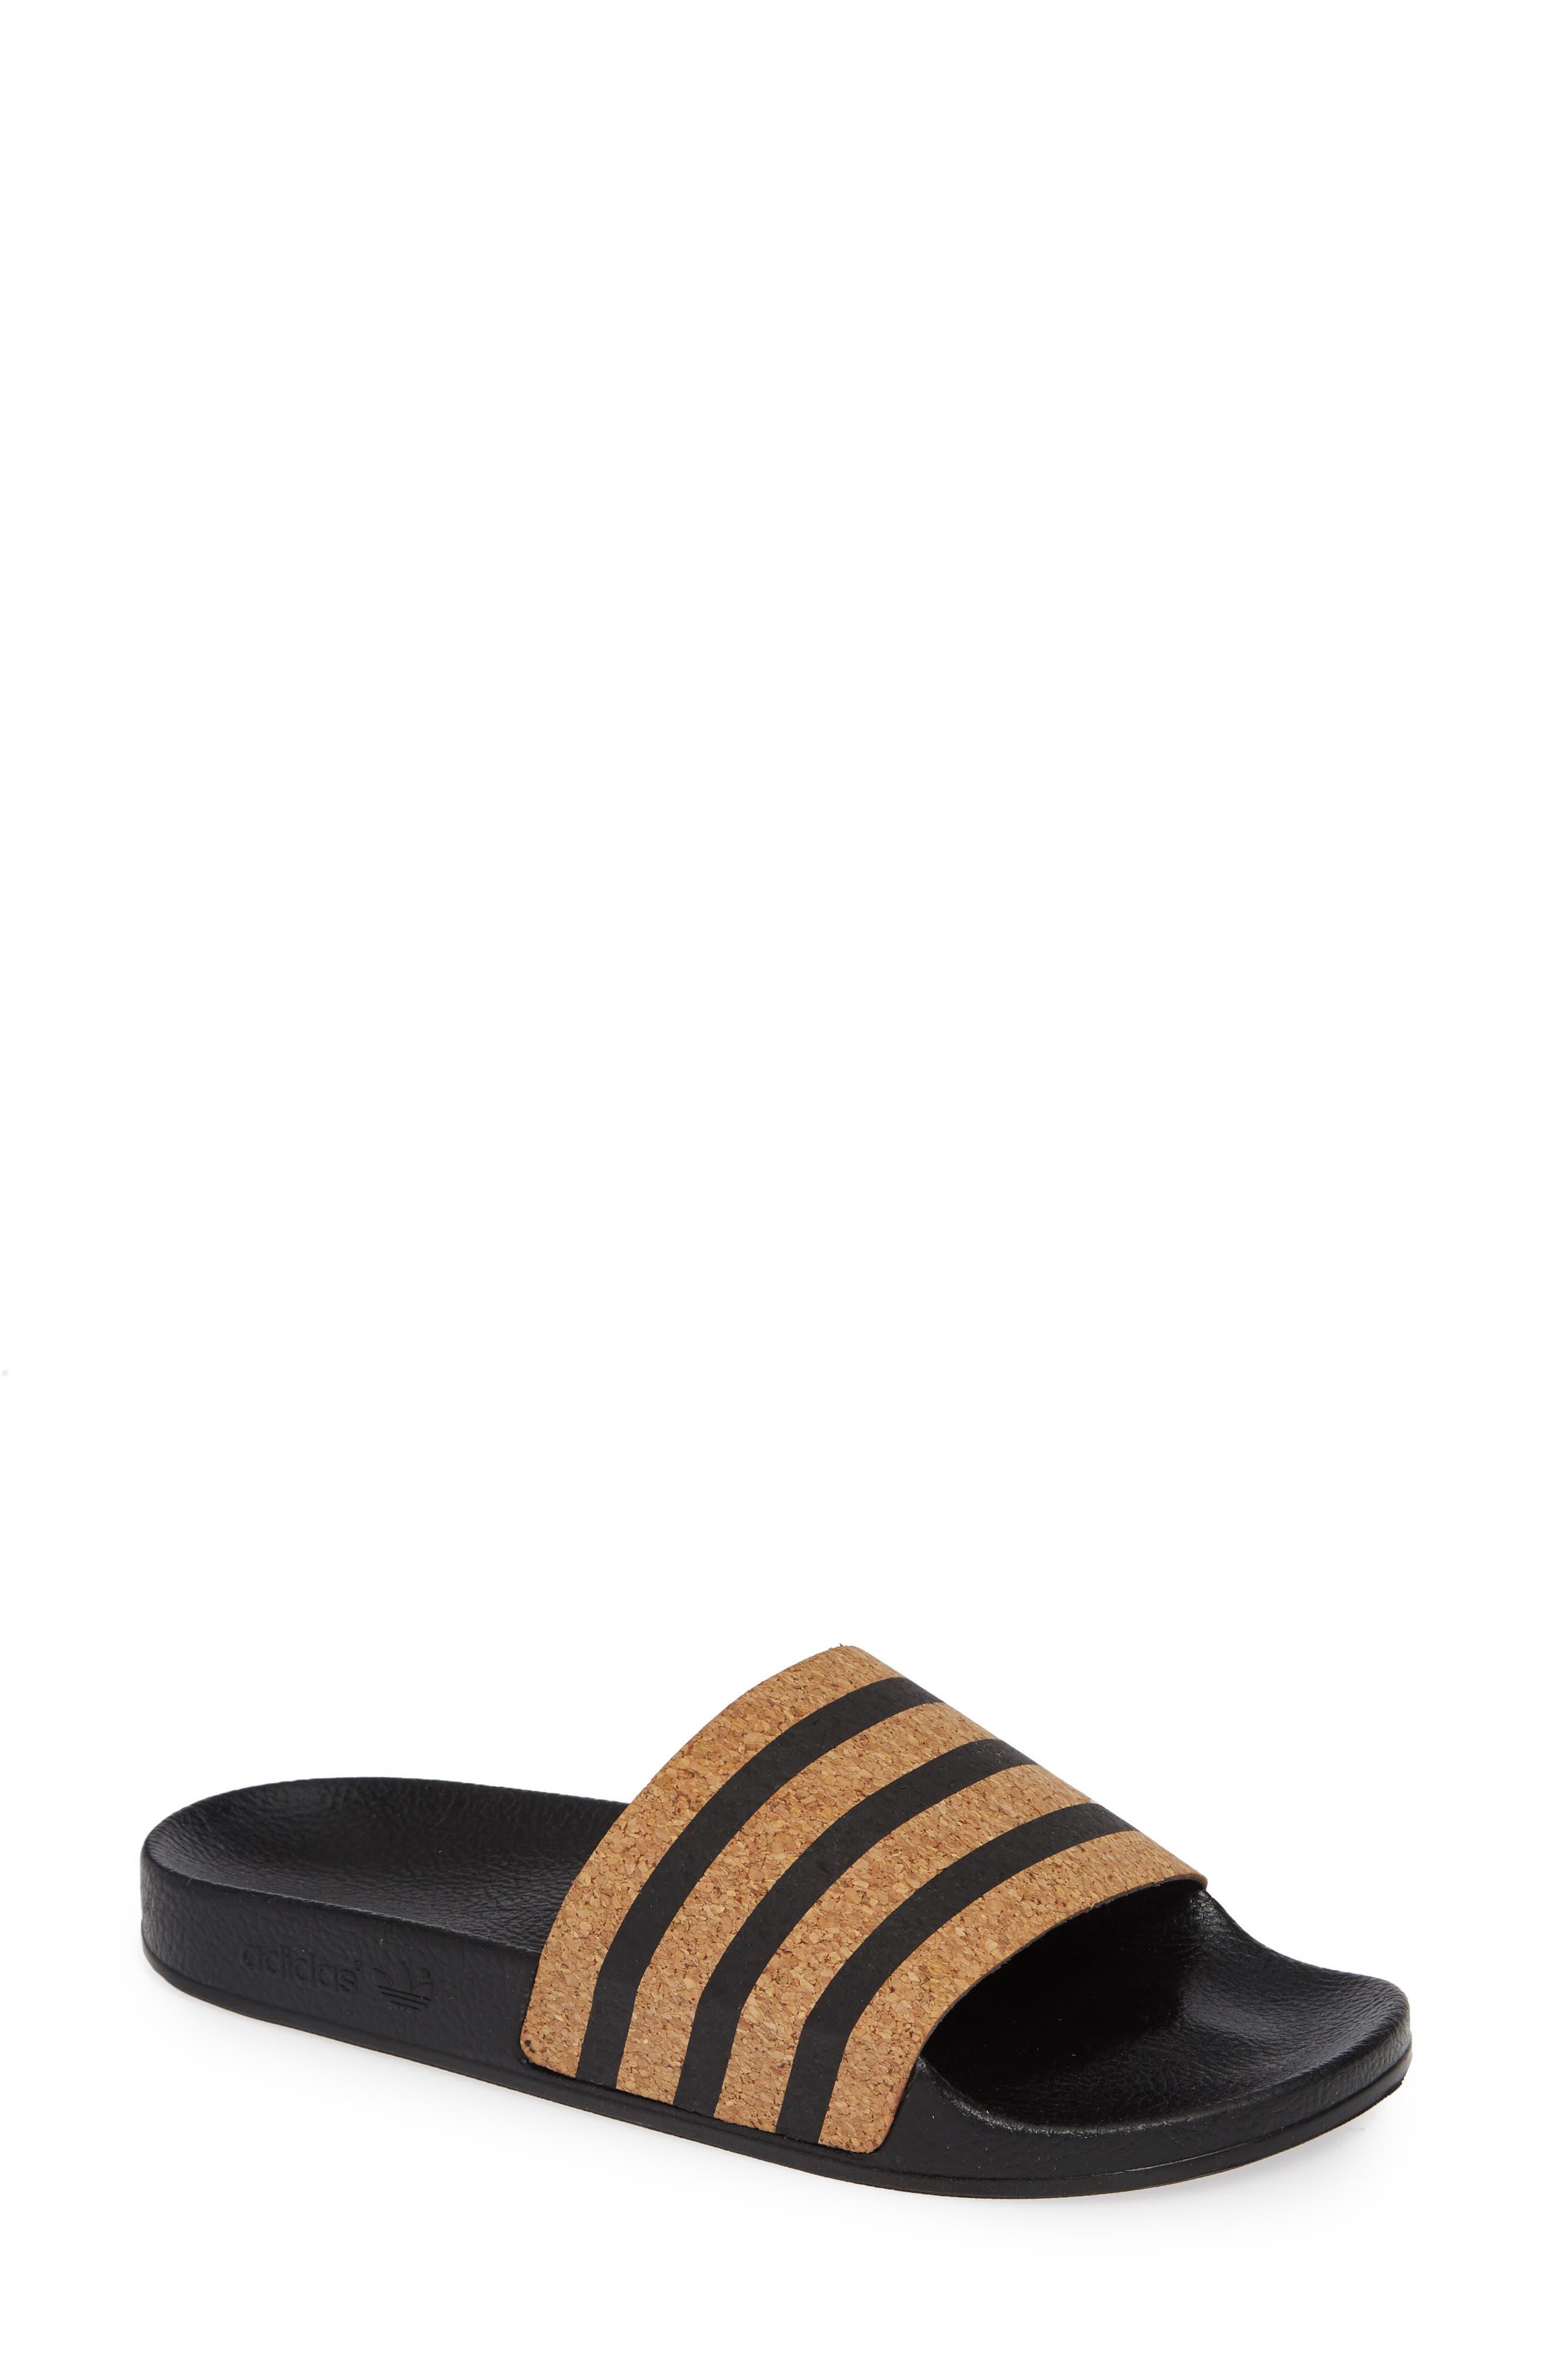 'Adilette' Slide Sandal,                             Main thumbnail 1, color,                             Core Black/ Core Black